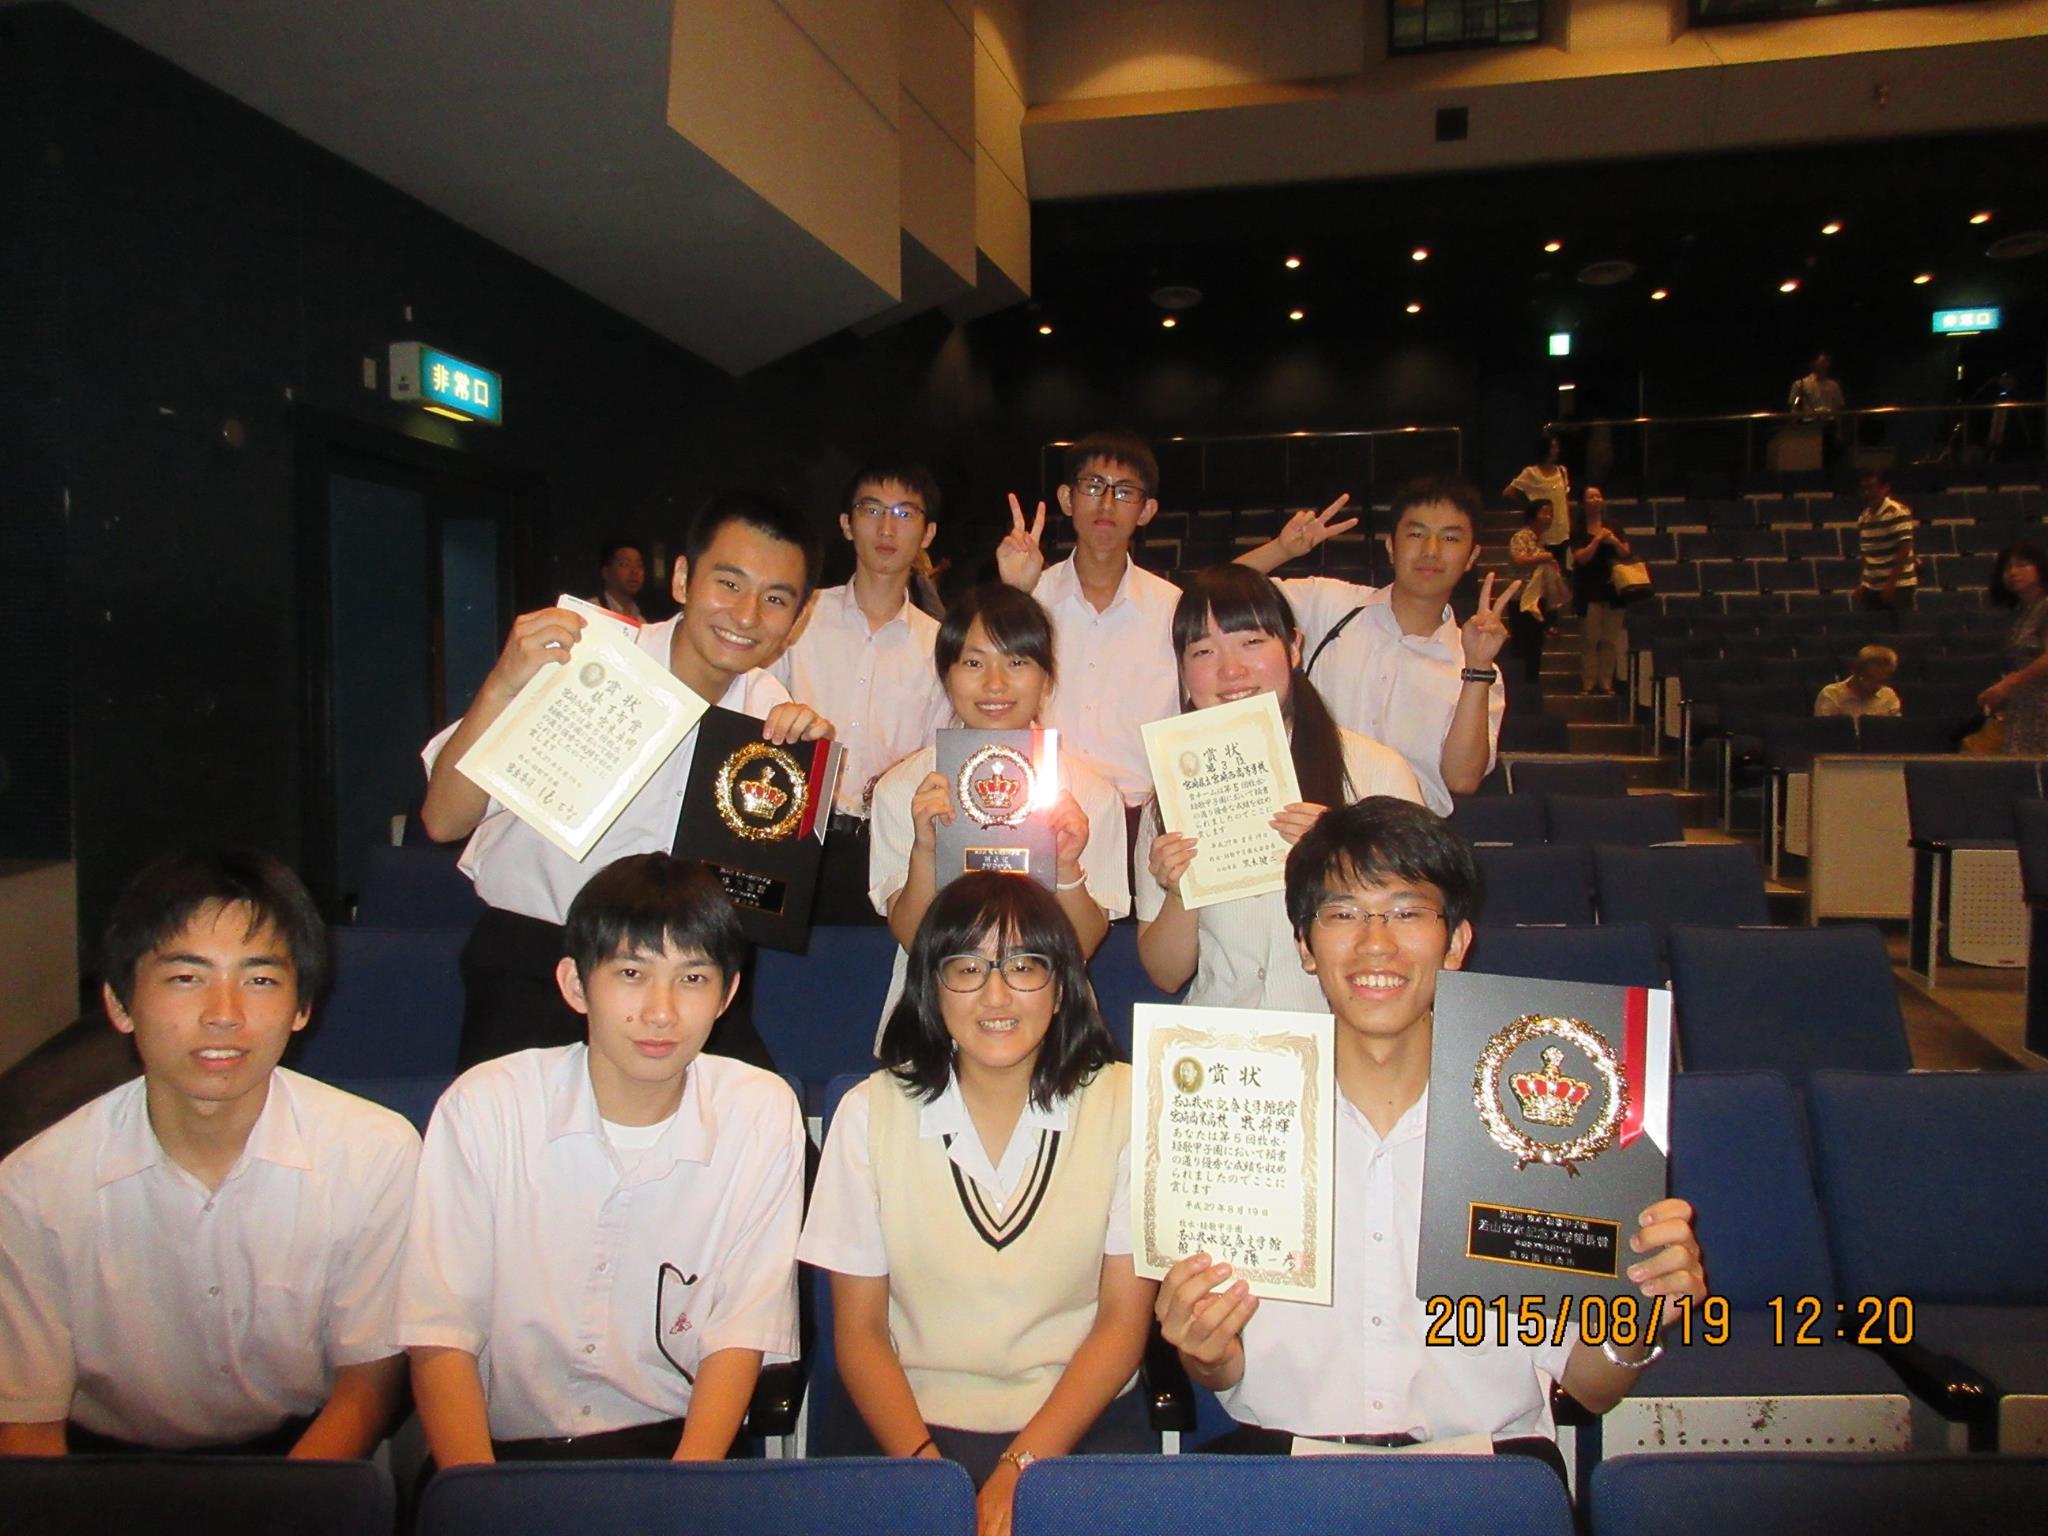 高校2年の夏、短歌甲子園の時の写真(左端に写るのが当時の久永さん)